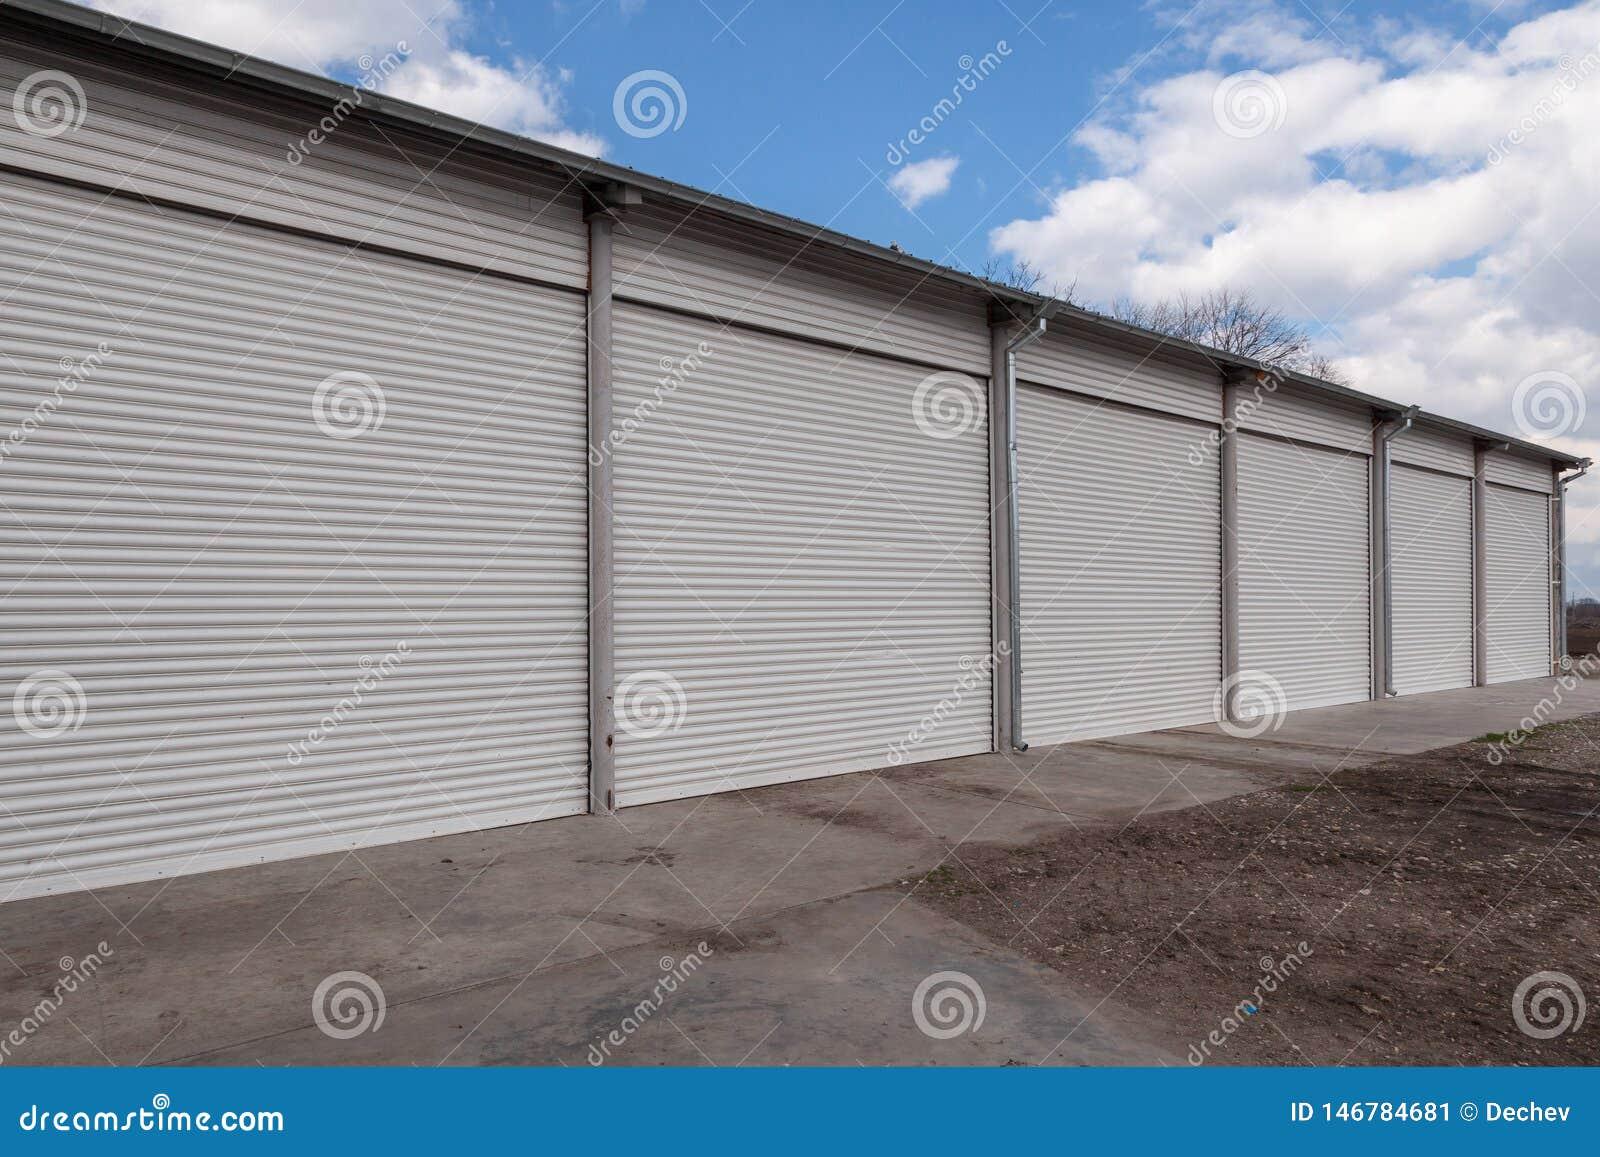 Les unit?s de stockage avec le rouleau shutter des portes dans la zone industrielle